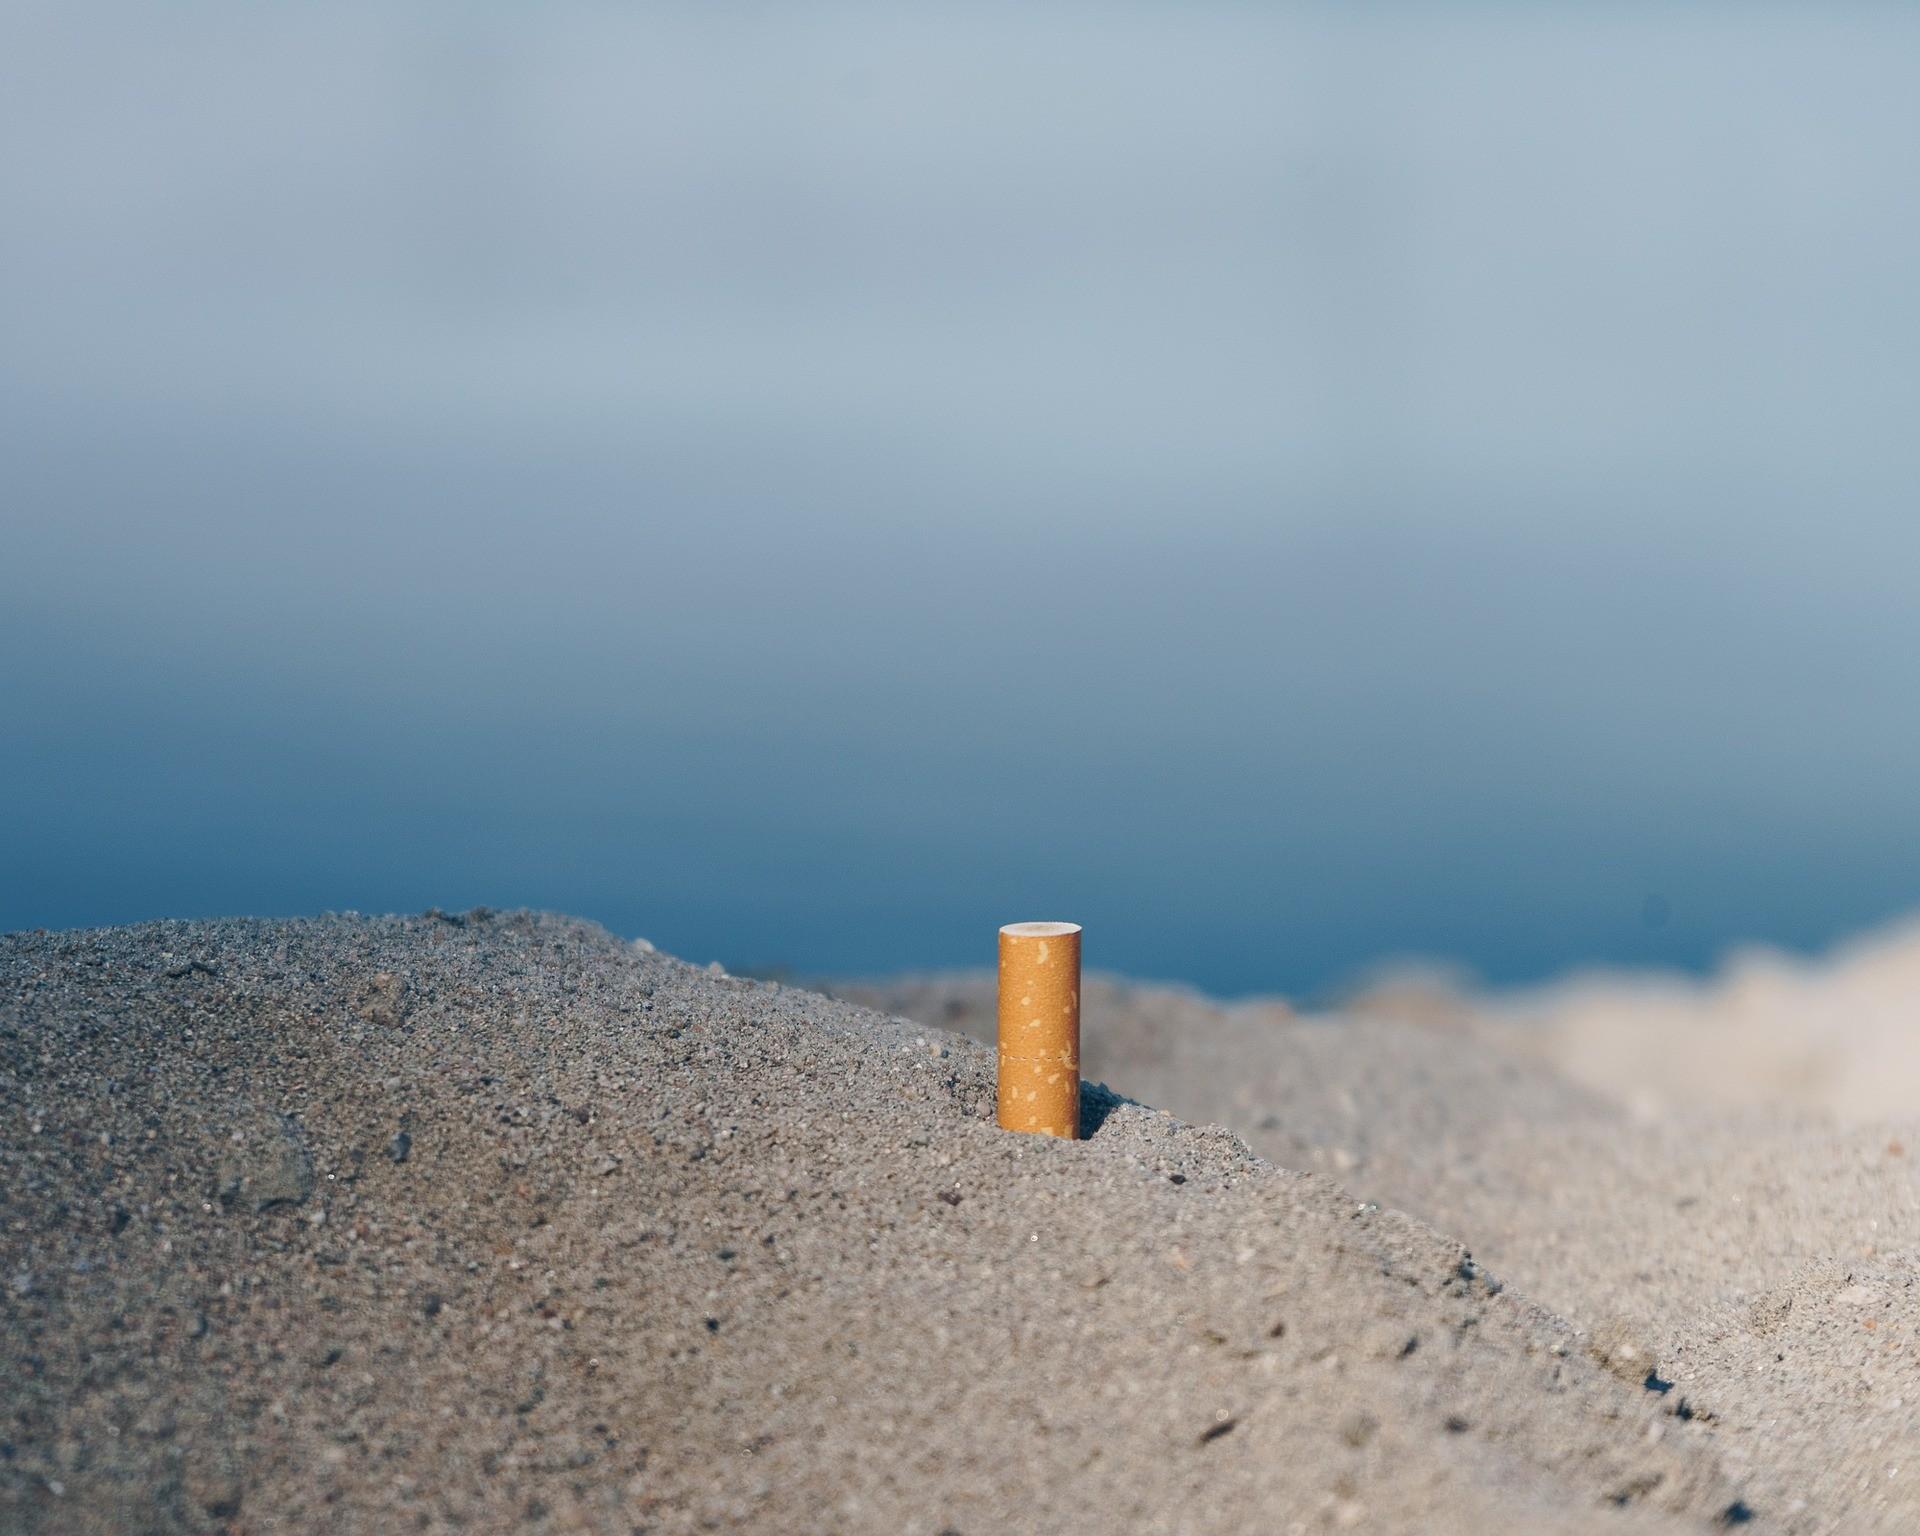 Bitucas de cigarro, tampas de garrafa, canudinhos: os 10 itens mais encontrados nas praias do Brasil pela ONU